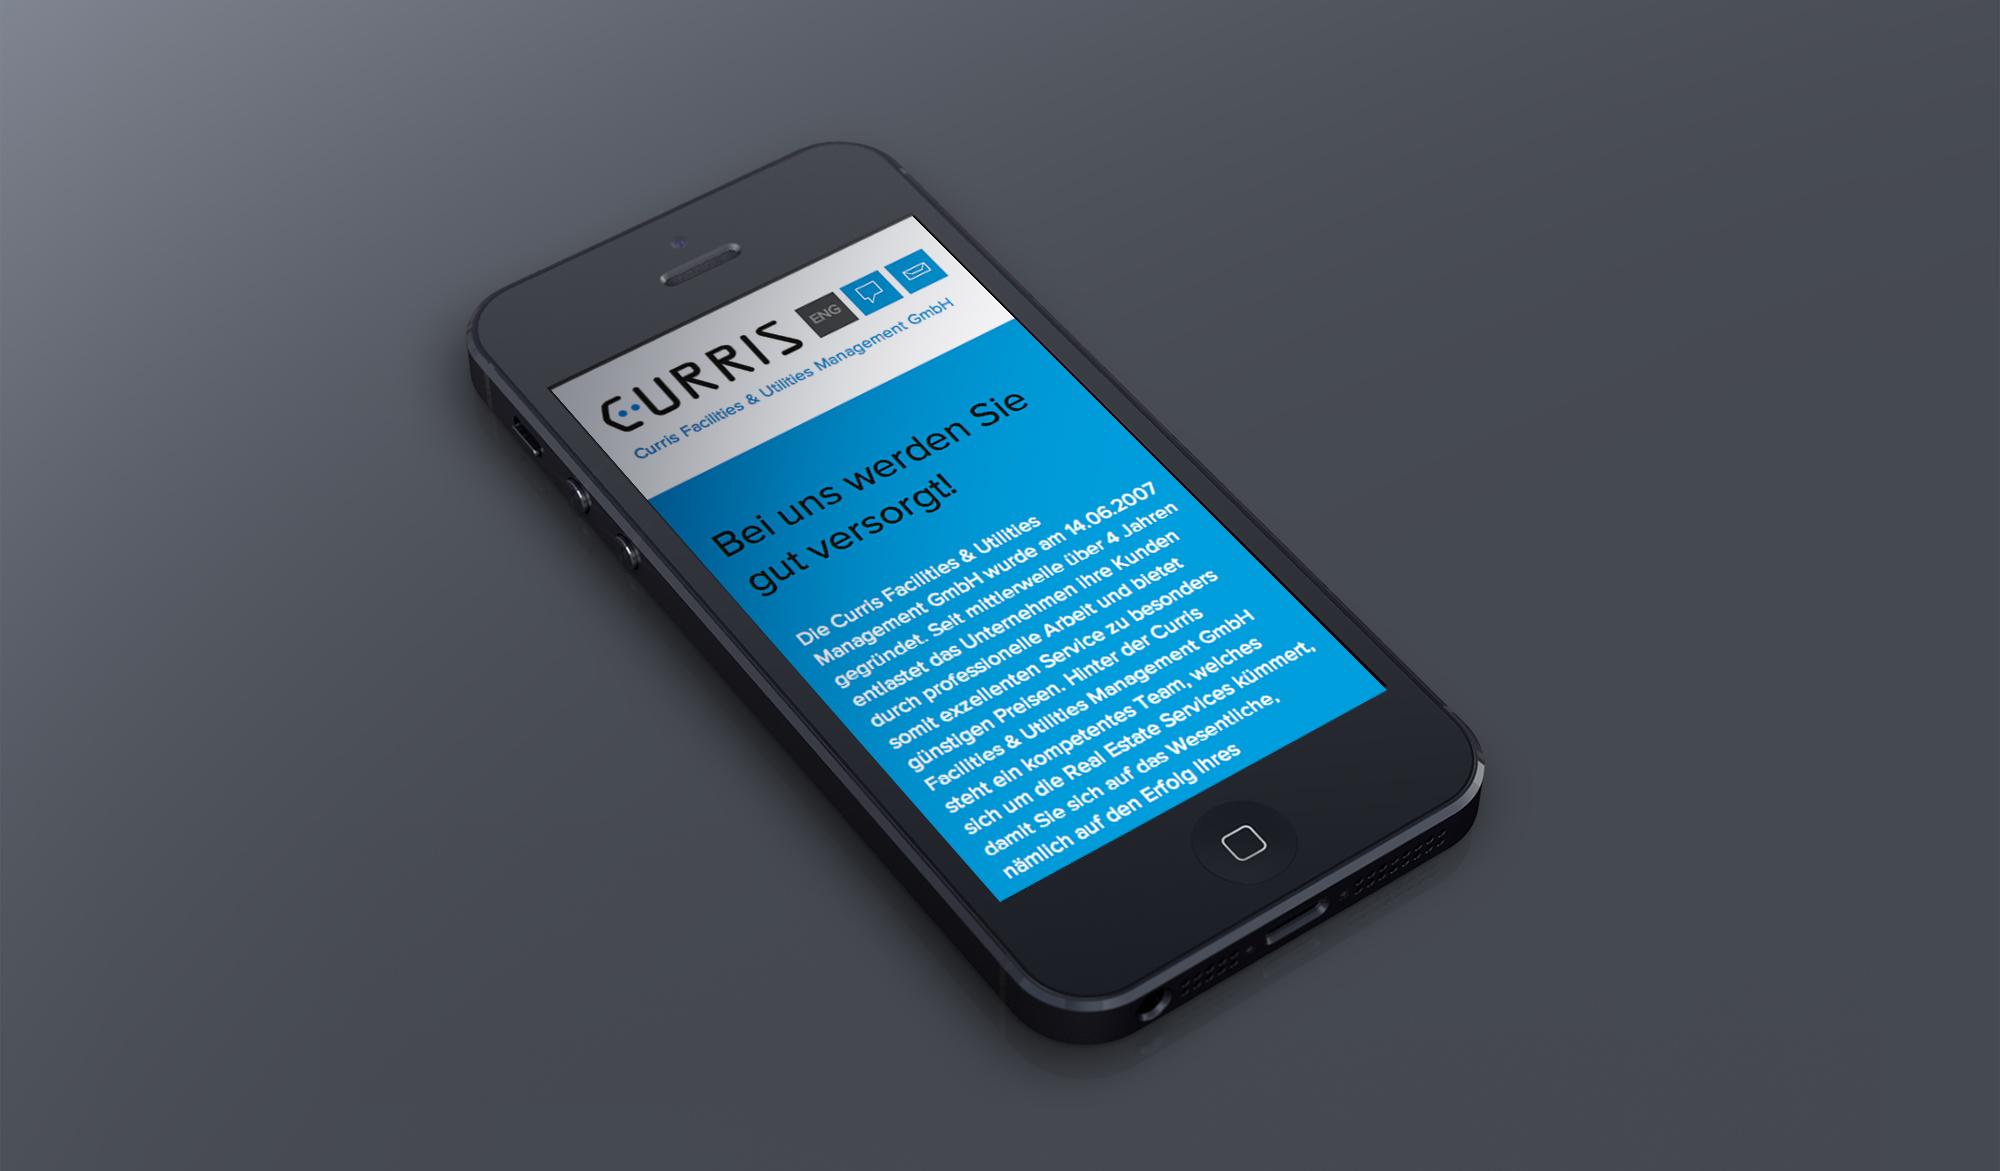 Curris - mobile